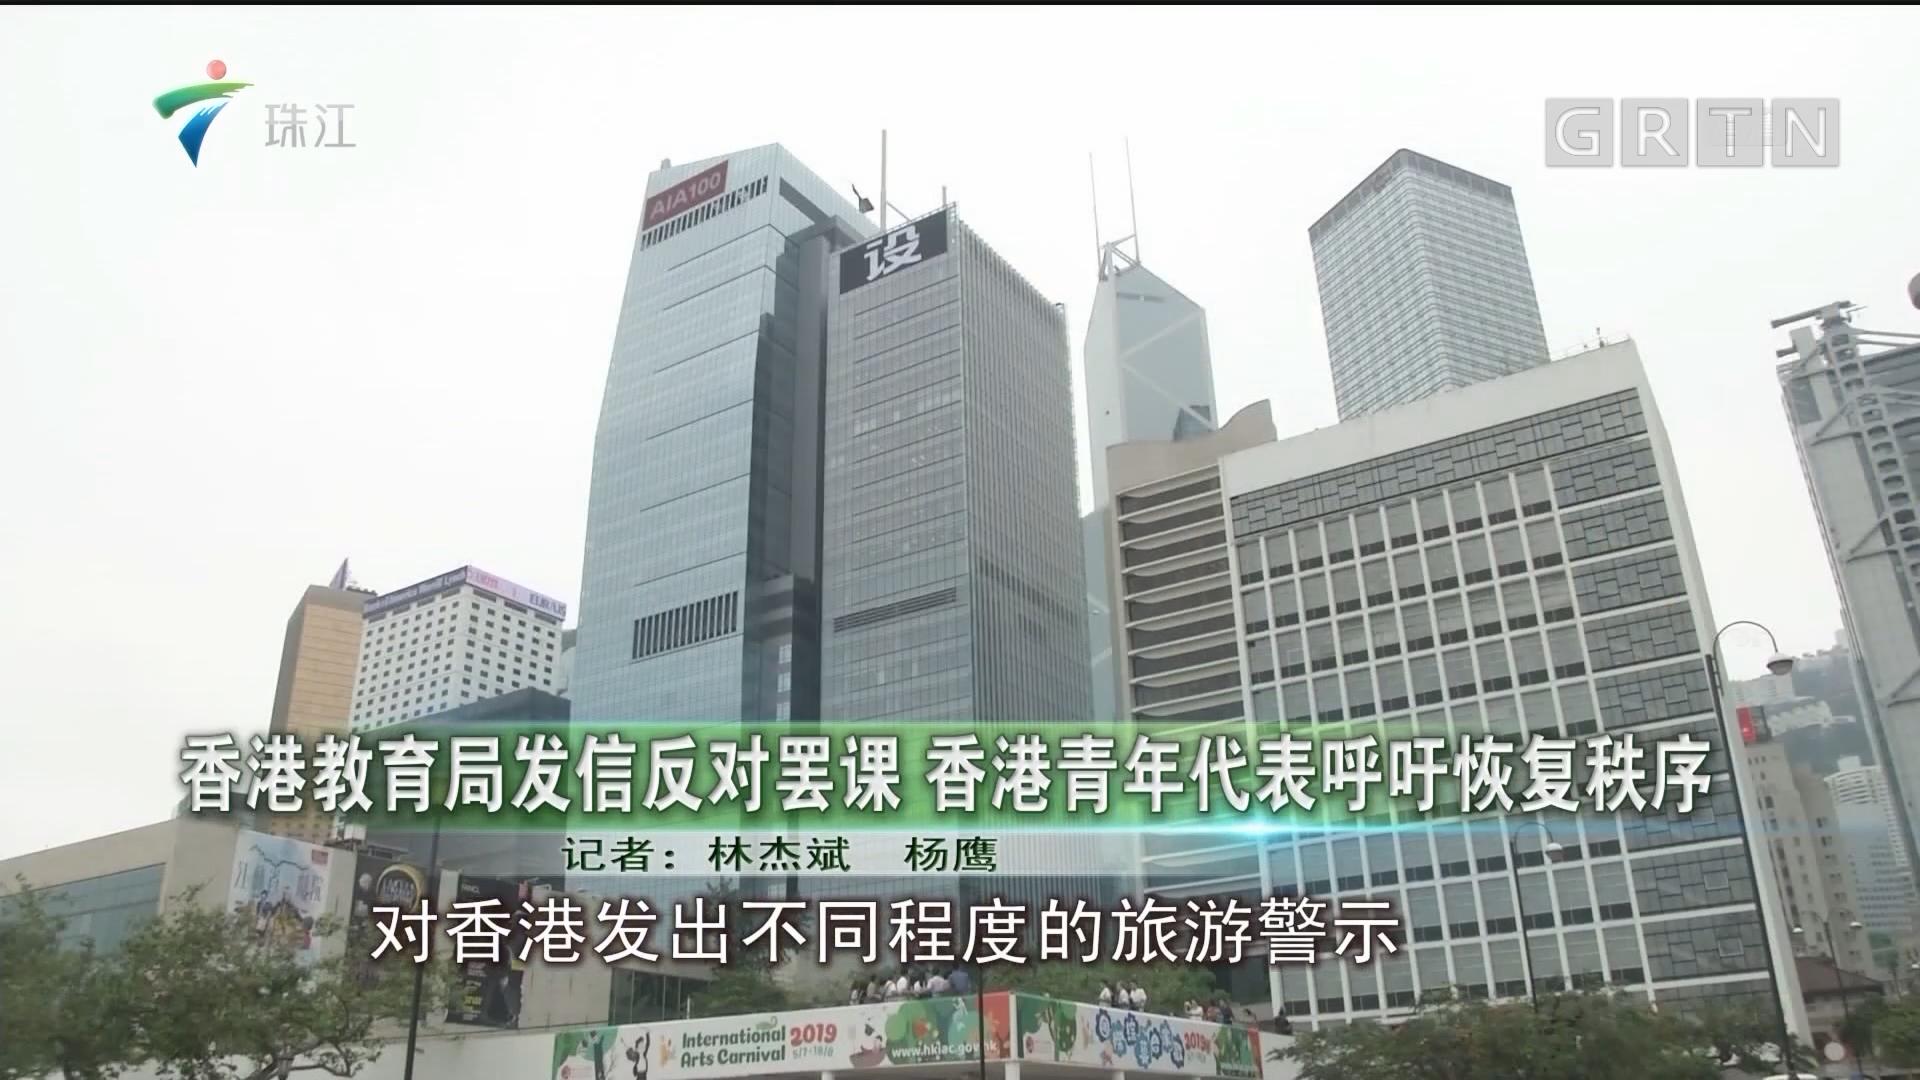 香港教育局发信反对罢课 香港青年代表呼吁恢复秩序